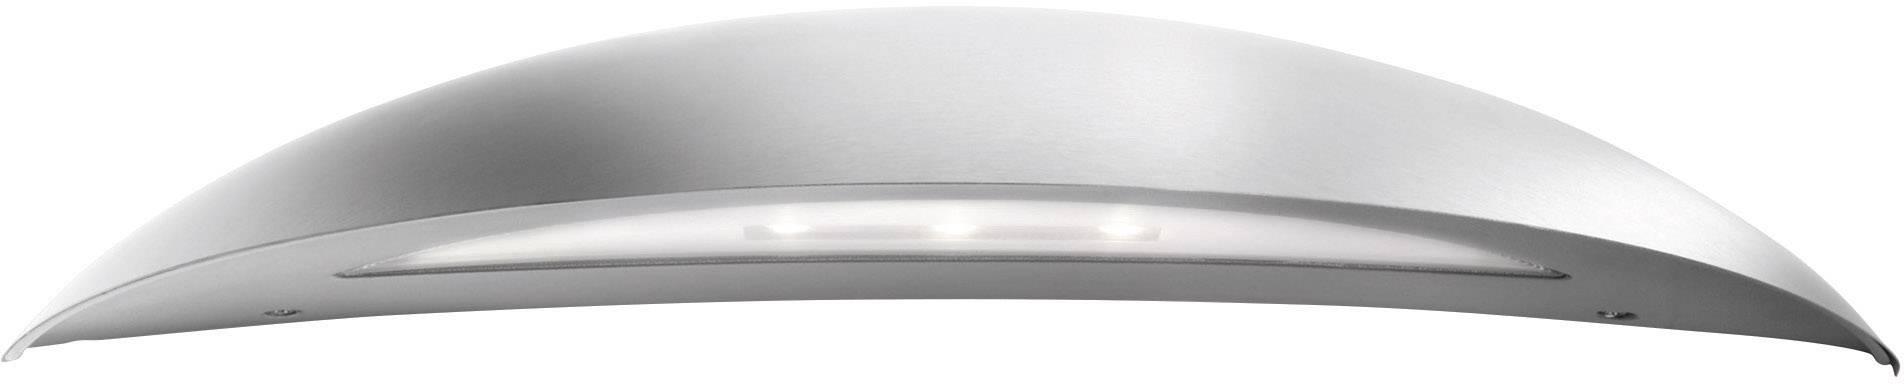 LEDvonkajšie nástennéosvetlenie 7.5 W teplá biela Philips Lighting Ledino 17208/47/16 nerezová oceľ